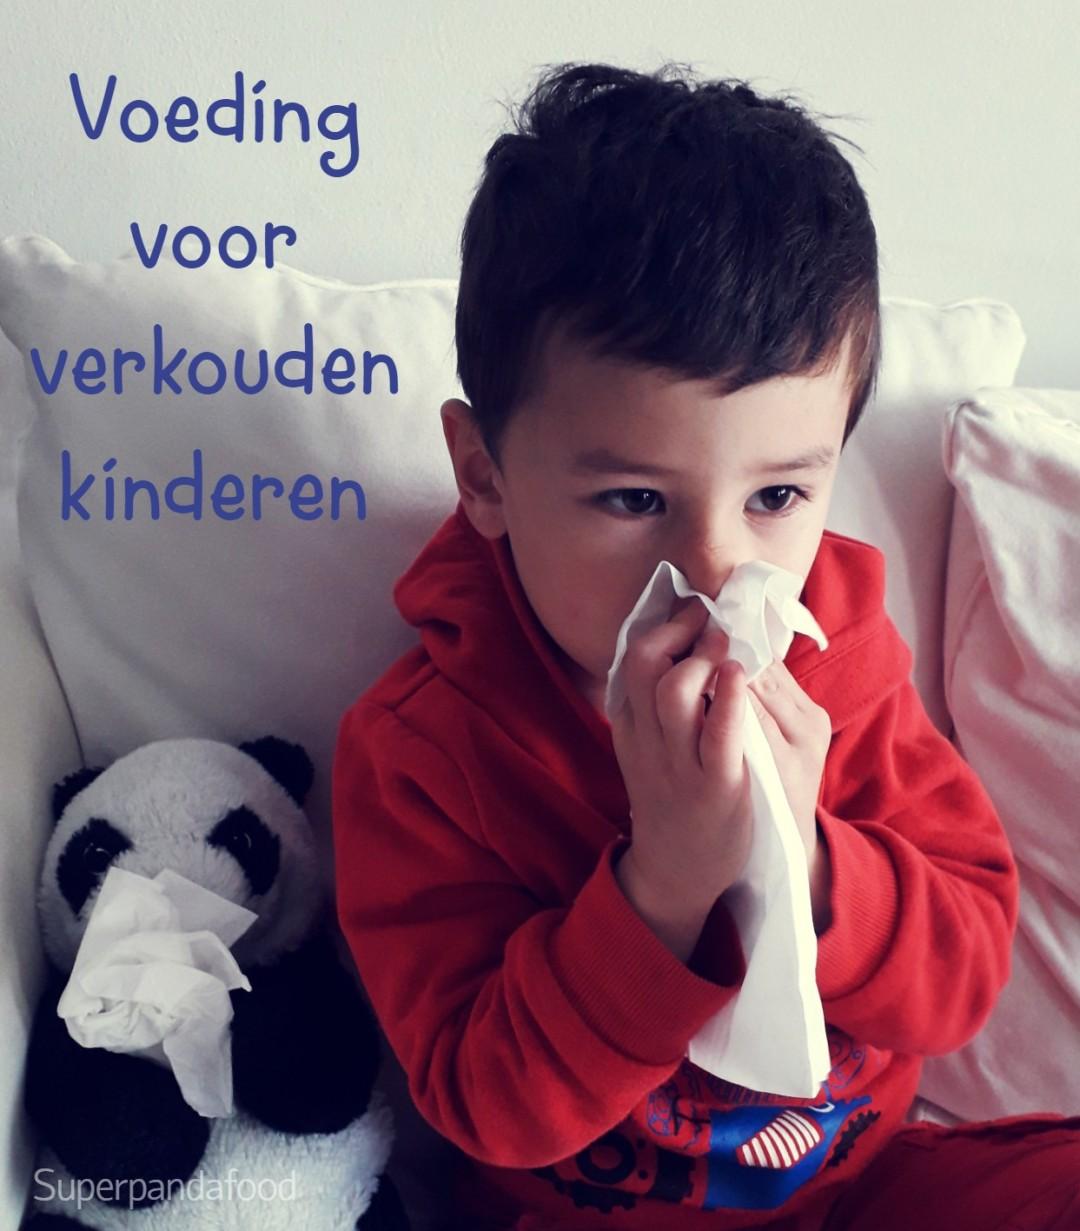 Voeding voor verkouden kinderen - TCM-tips